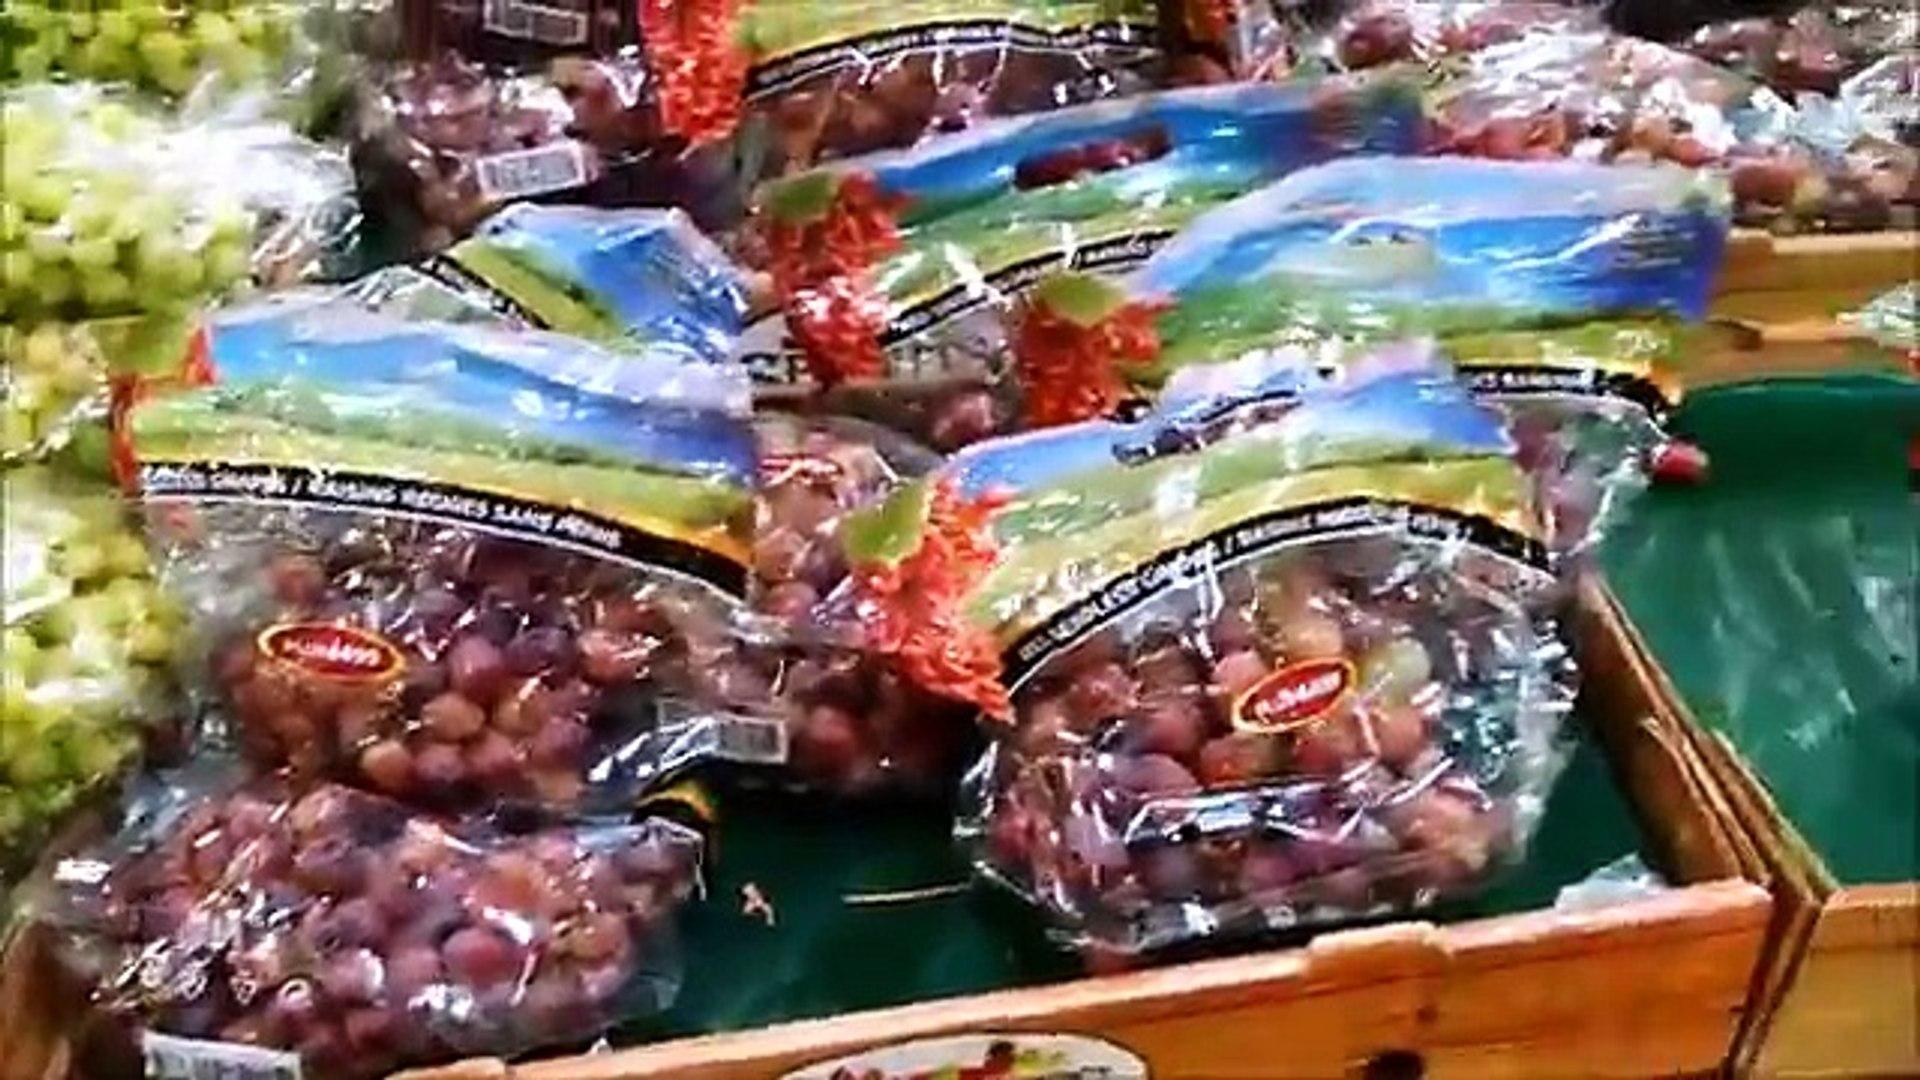 Что, почём? Покупаем фрукты, овощи в Sprouts. LifeinUSA. жизнь в Америке, в США.